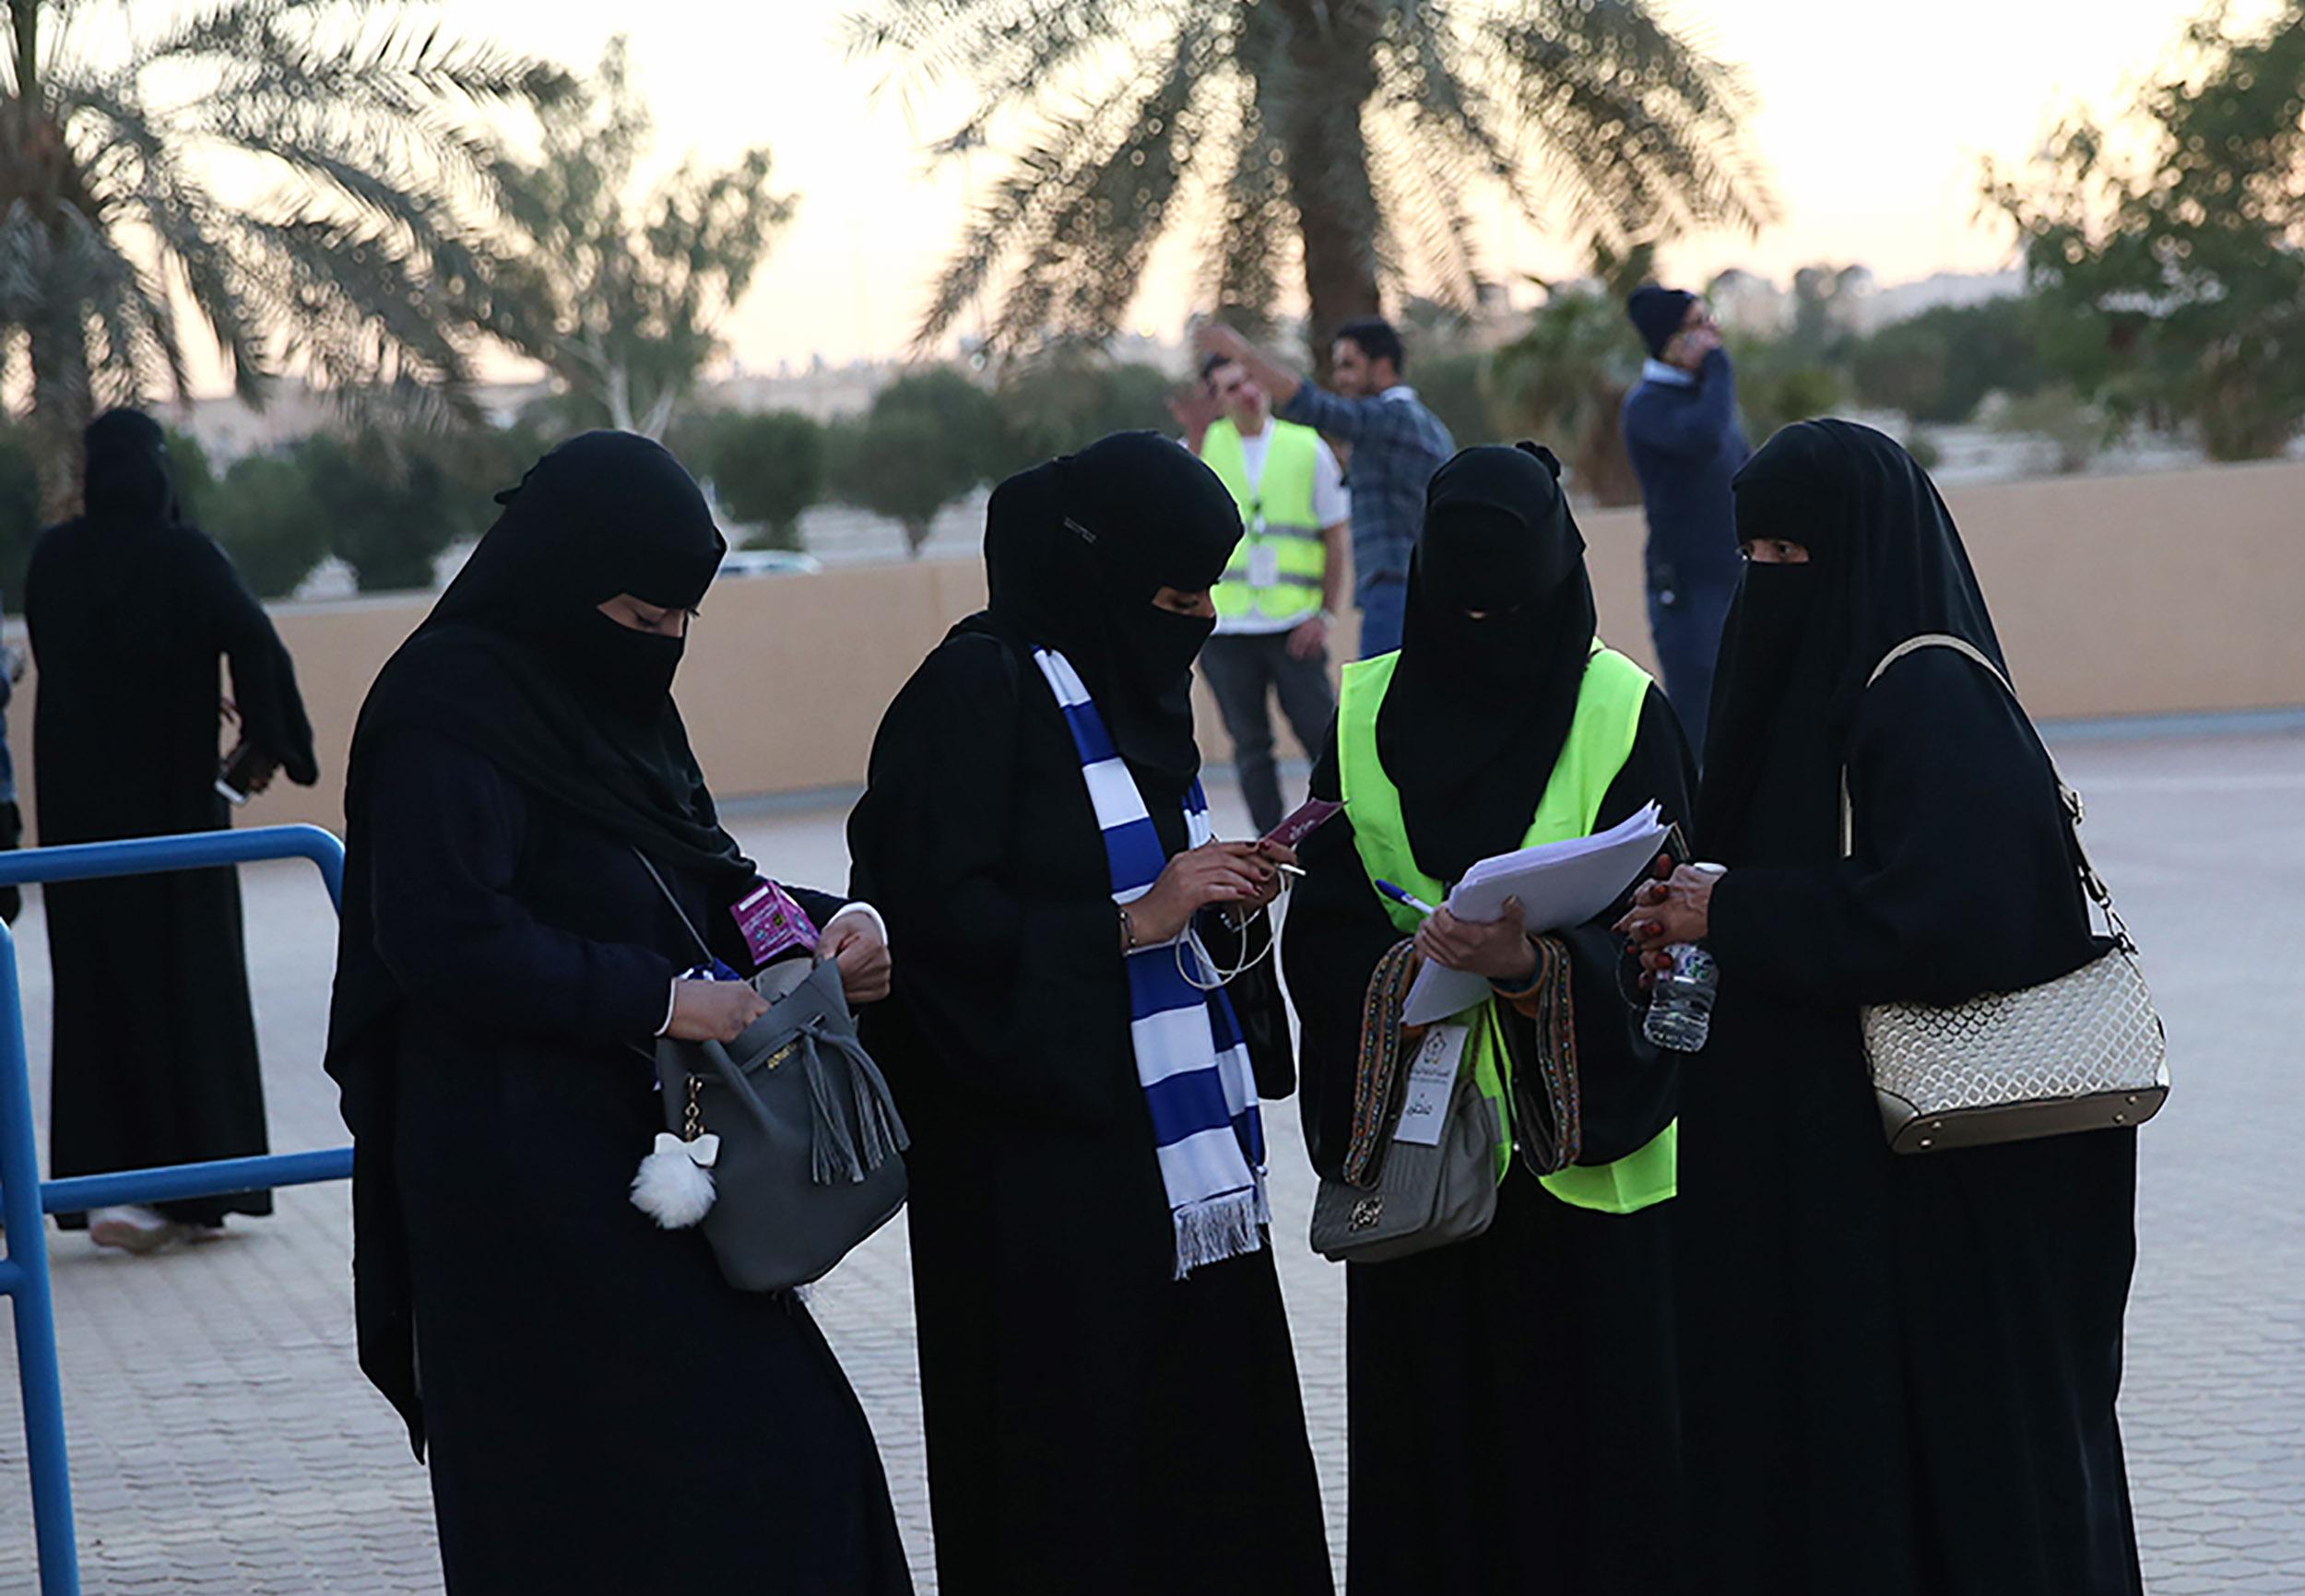 ქალები საფეხბურთო მატჩზე საუდის არაბეთის ქალაქ ჯიდაში. ფოტო: STR